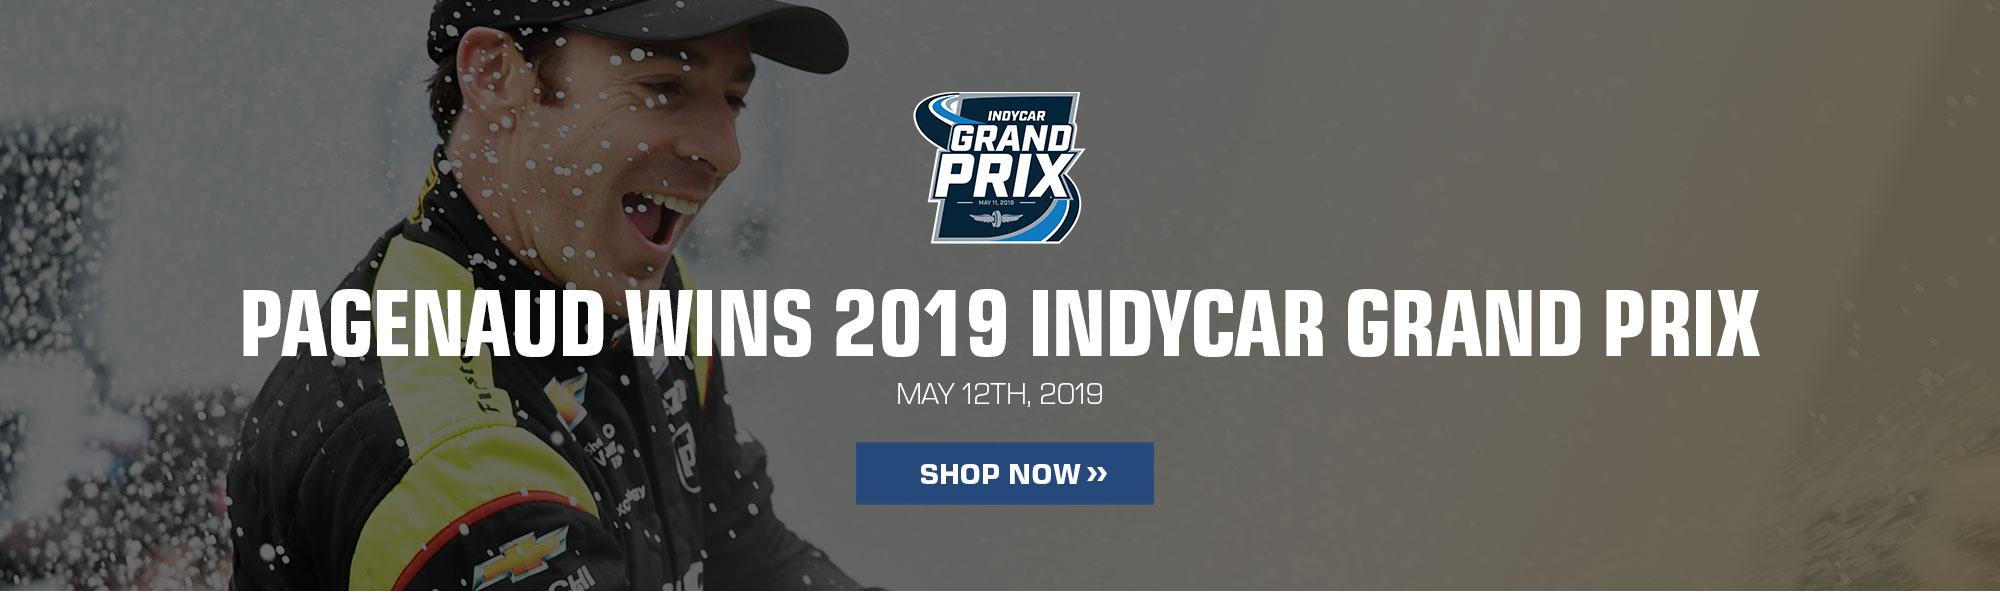 homepage-indycar-grand-prix-winner-pagenaud-2.jpg